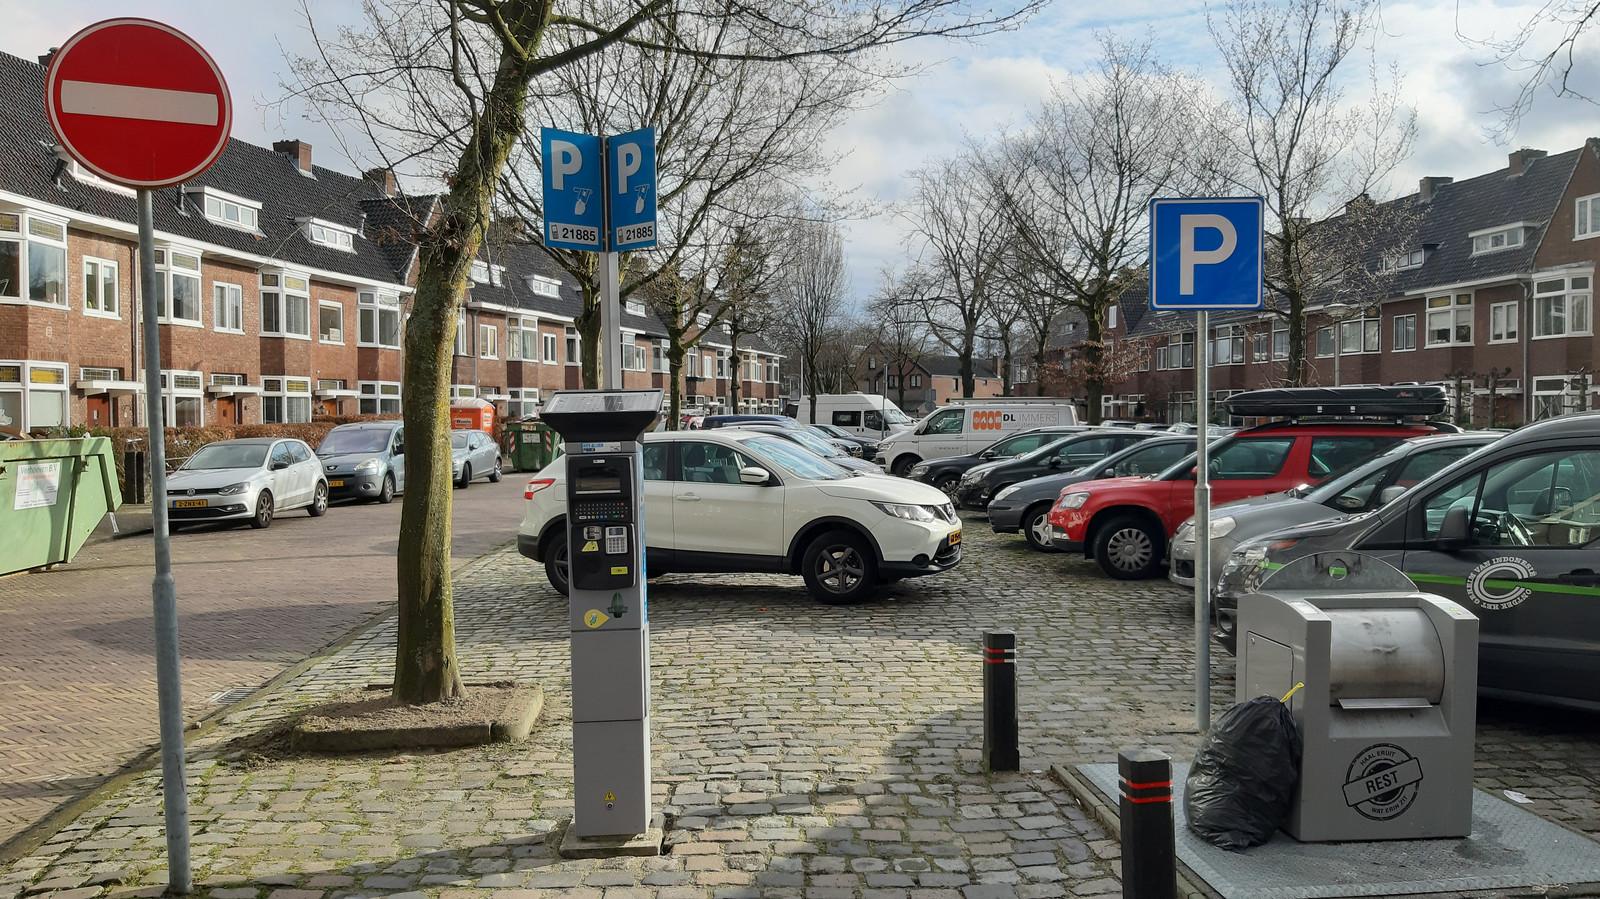 Betaald parkeren geldt sinds 1 december in wijk Zandberg in Breda.